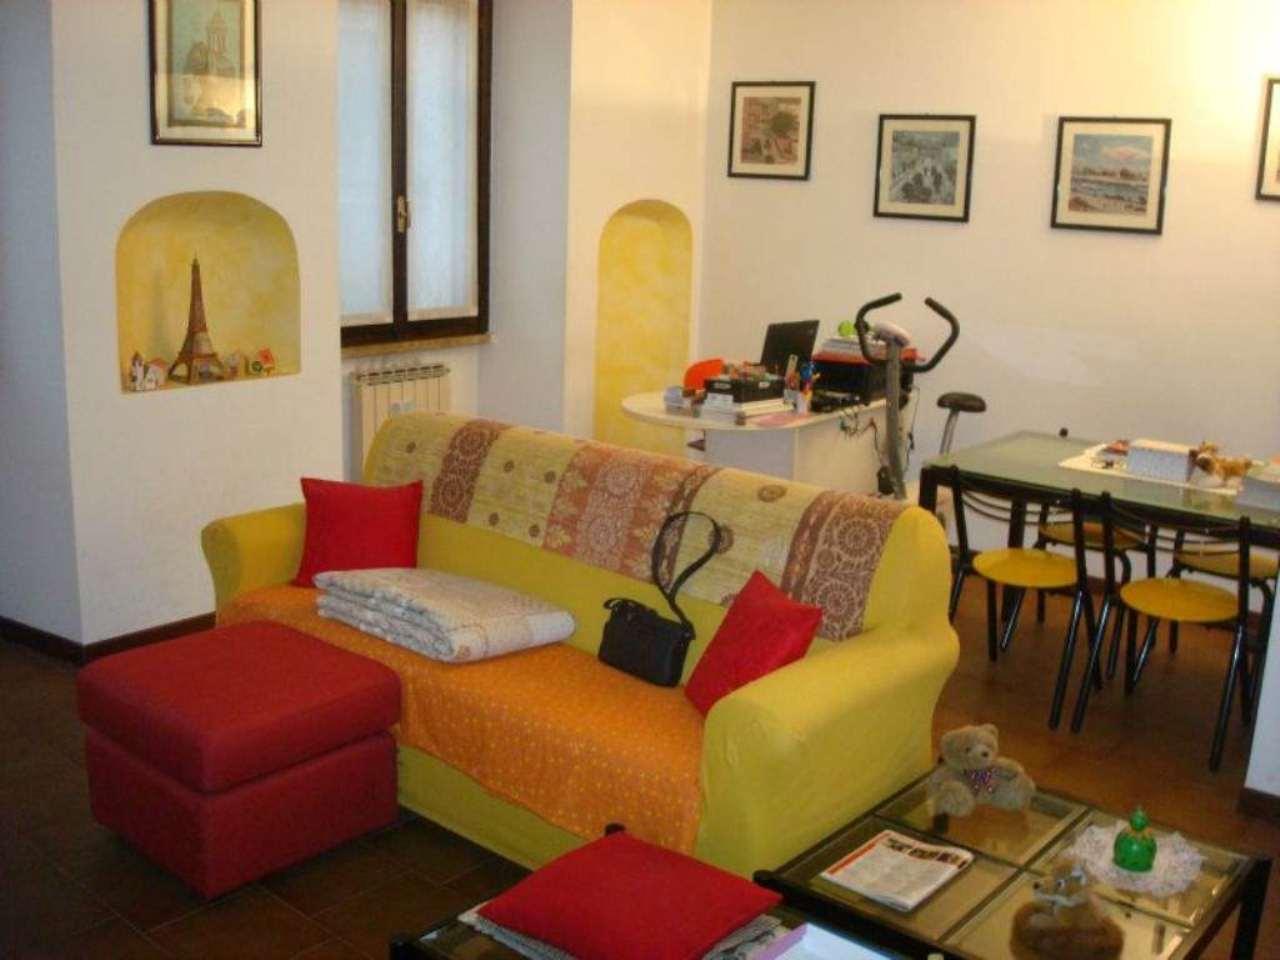 Appartamento in vendita a Casirate d'Adda, 3 locali, prezzo € 93.000 | CambioCasa.it